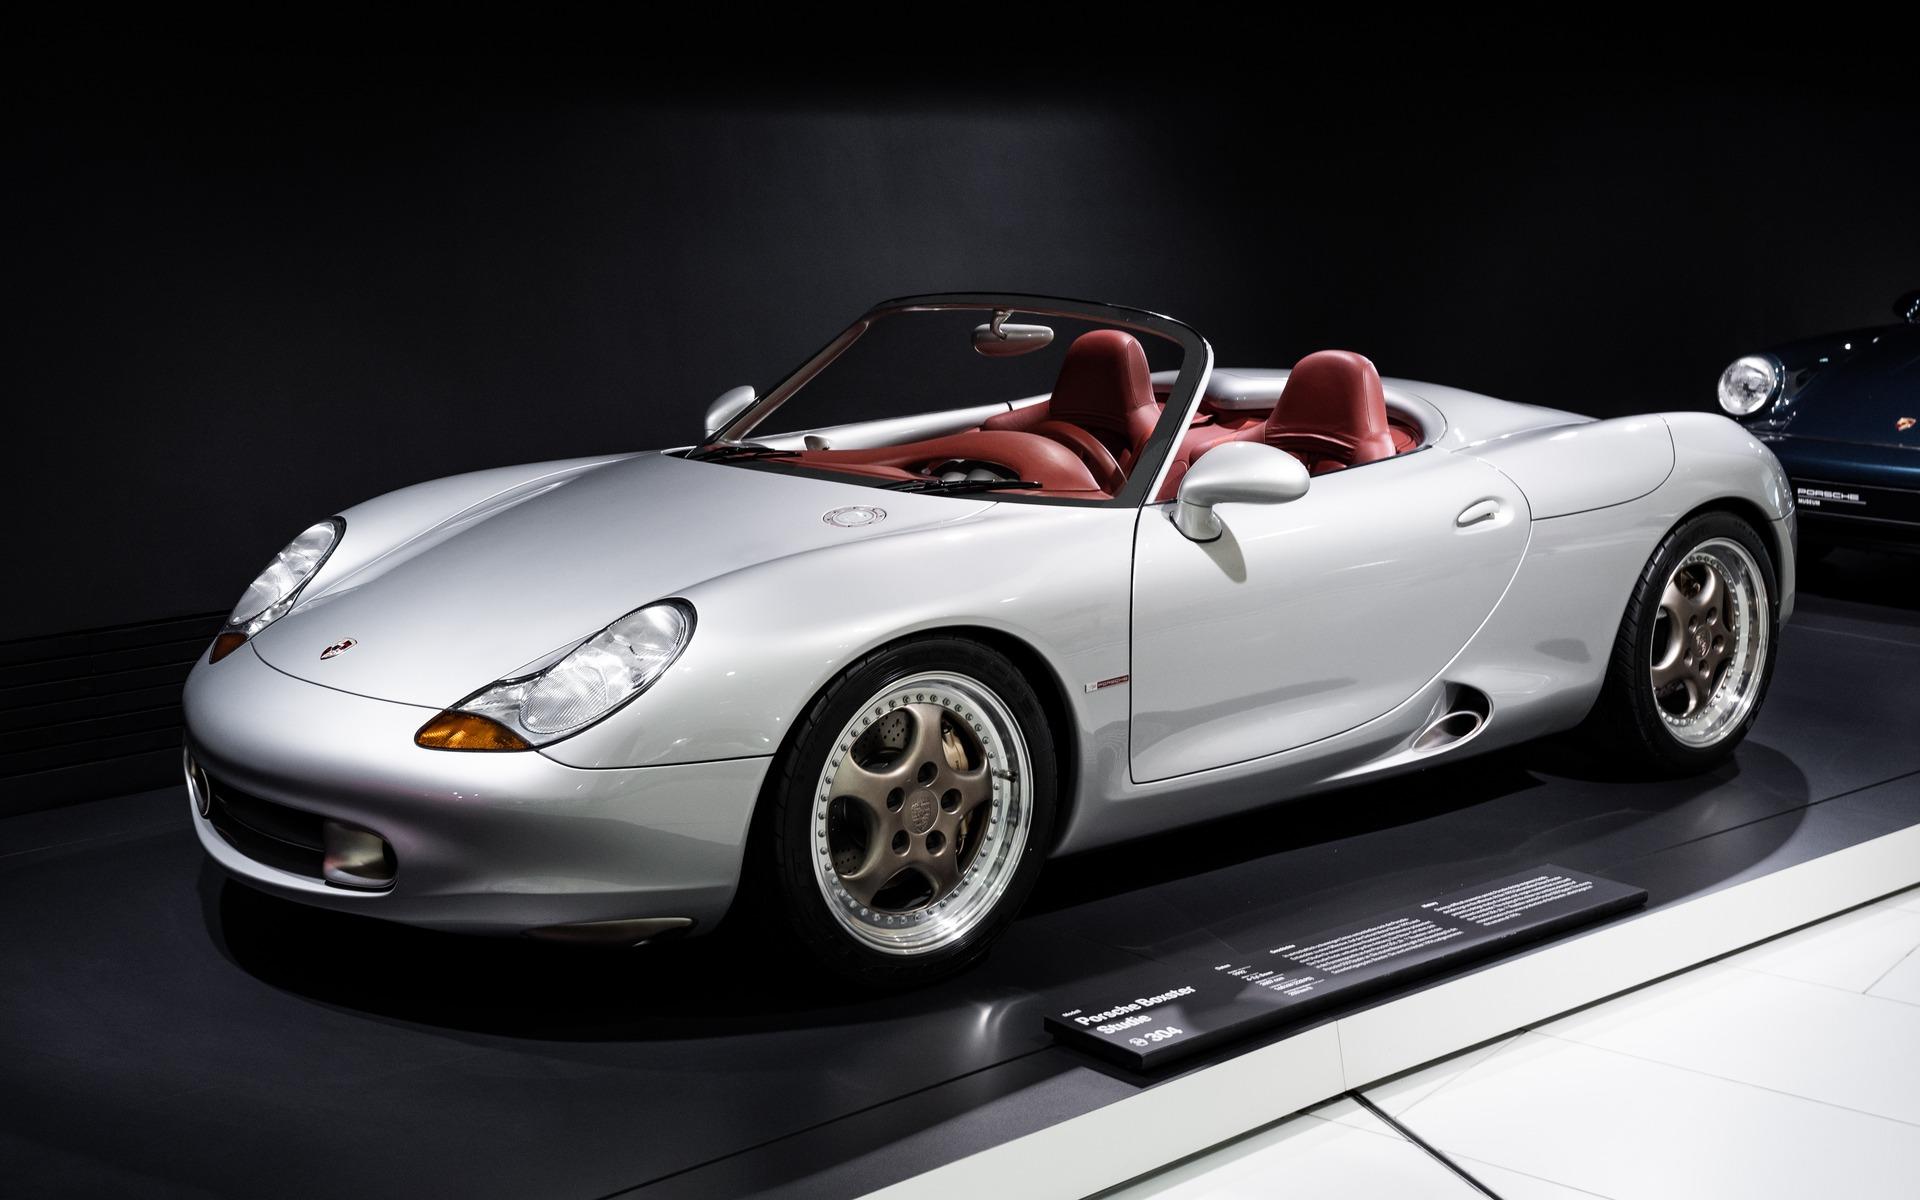 <p>Le concept de ce qui allait devenir une certain Porsche Boxster...</p>